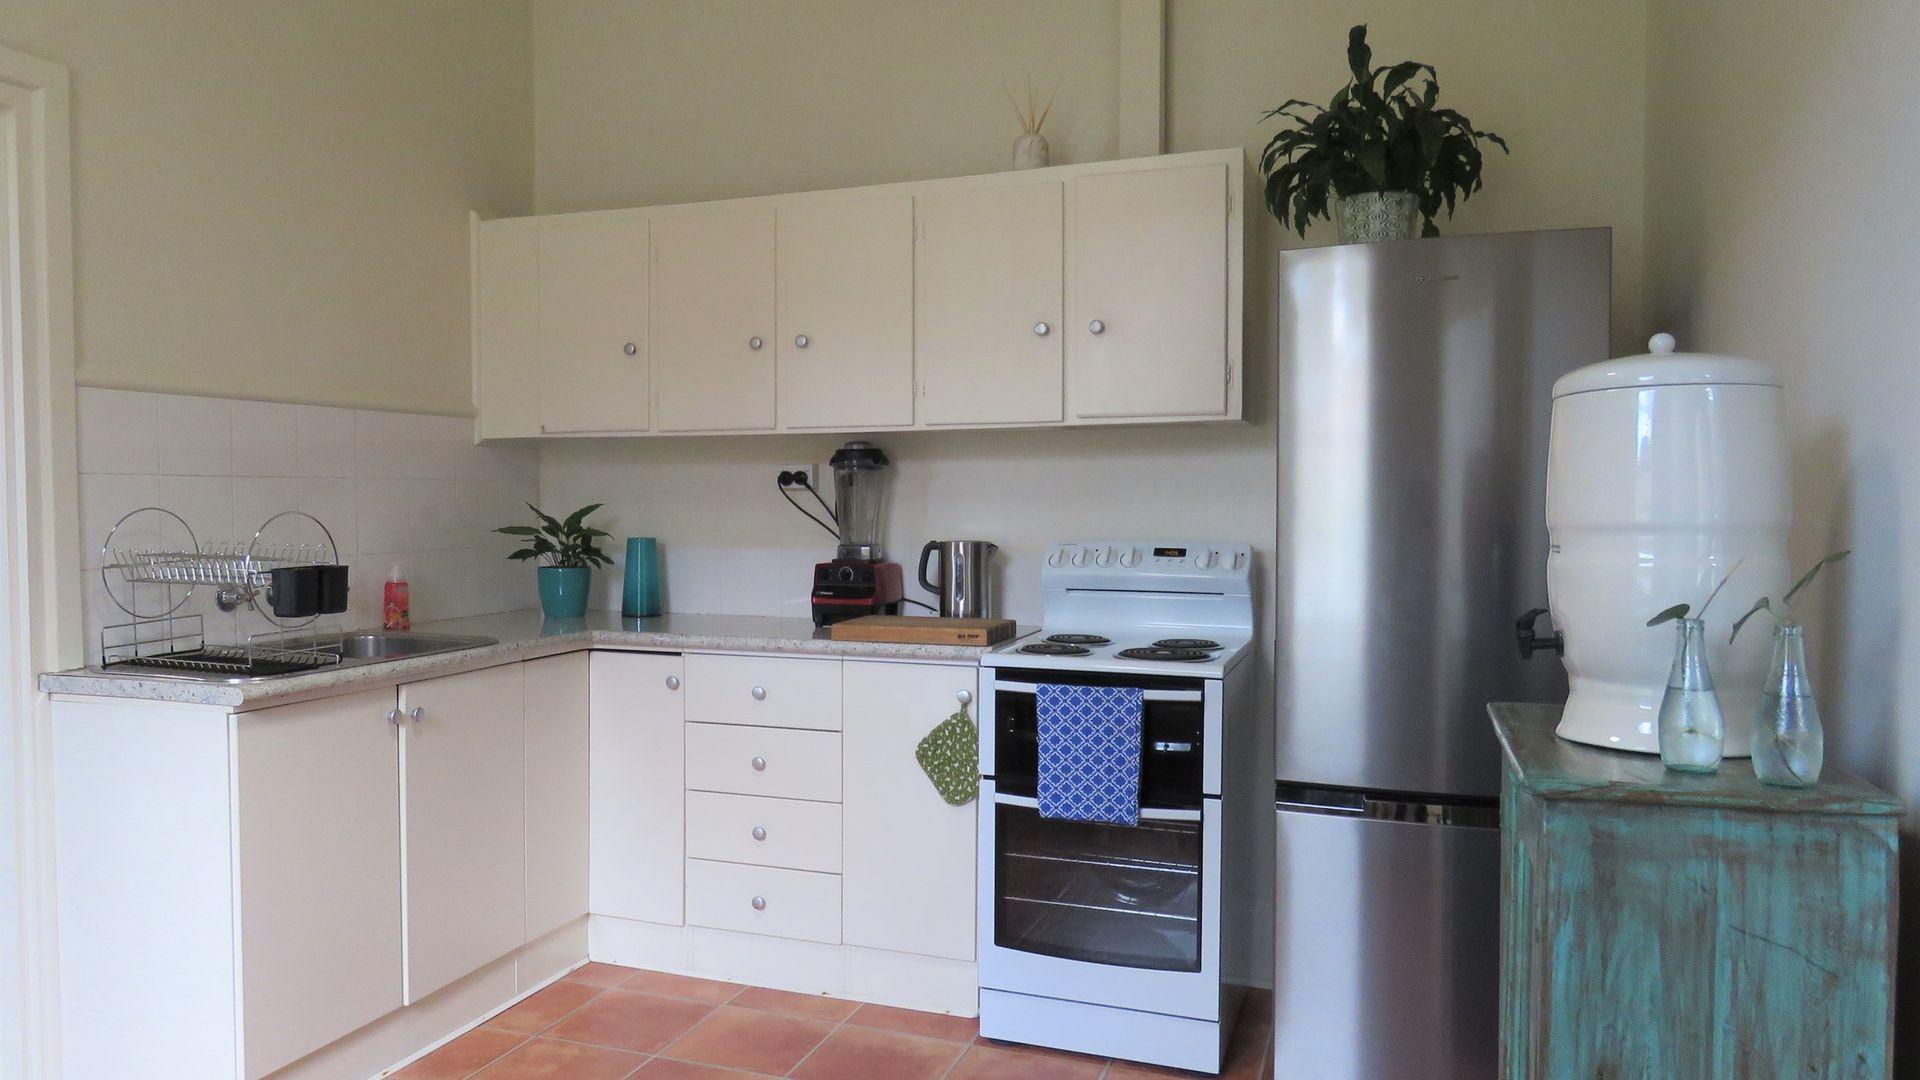 2/365 Rau Street, East Albury NSW 2640, Image 1